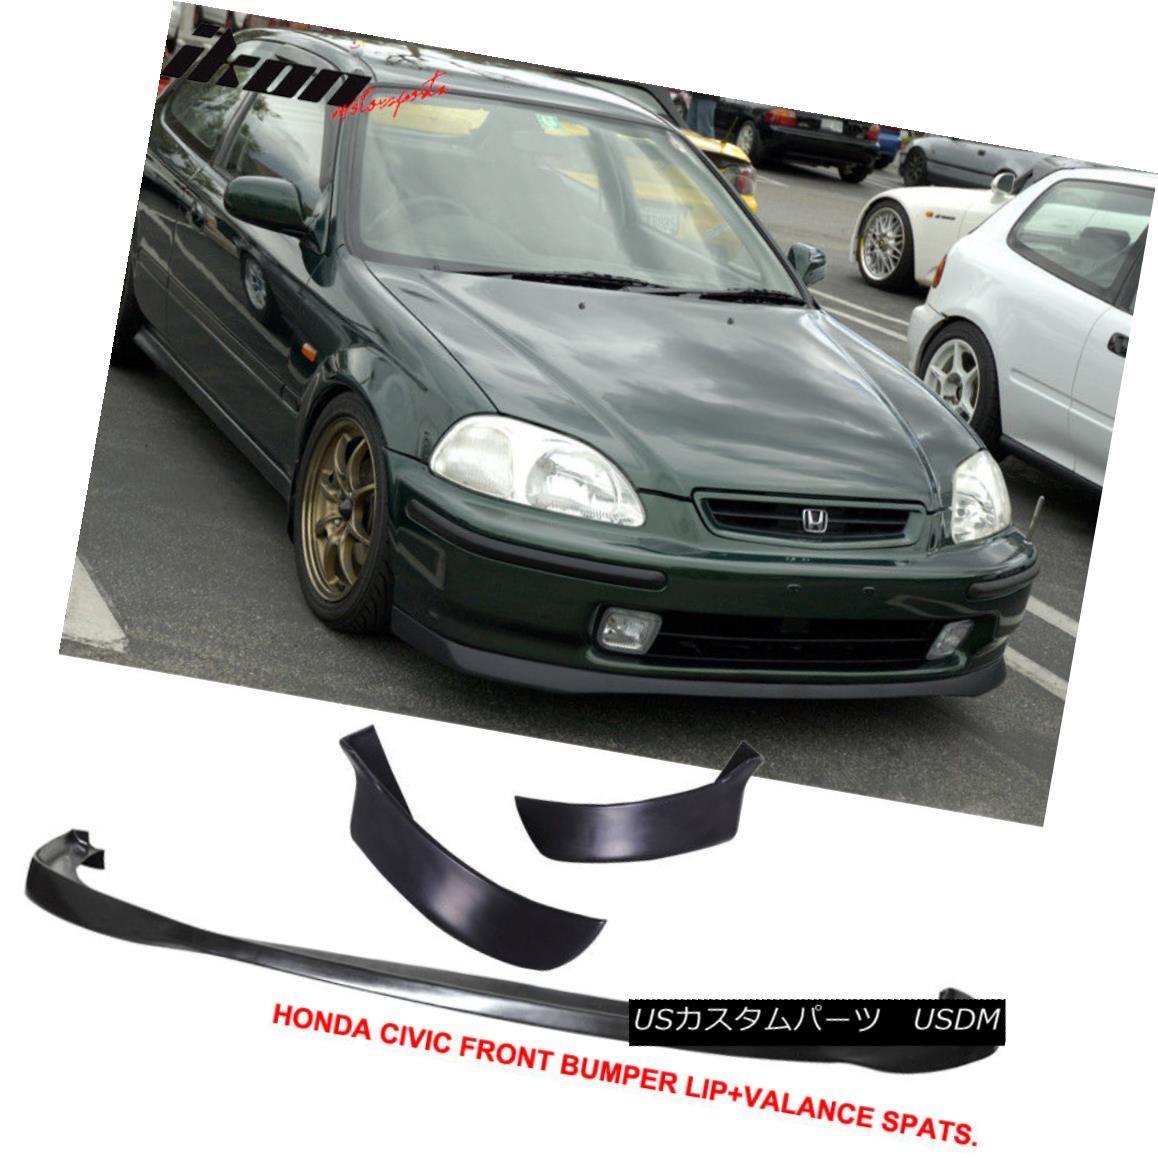 エアロパーツ Fits 96-98 Civic 3Dr SIR PU Front Bumper Lip +2PC Rear Bumper Lip Valance Spats フィット96-98シビック3Dr SIR PUフロントバンパーリップ+ 2PCリアバンパーリップバランススパッツ